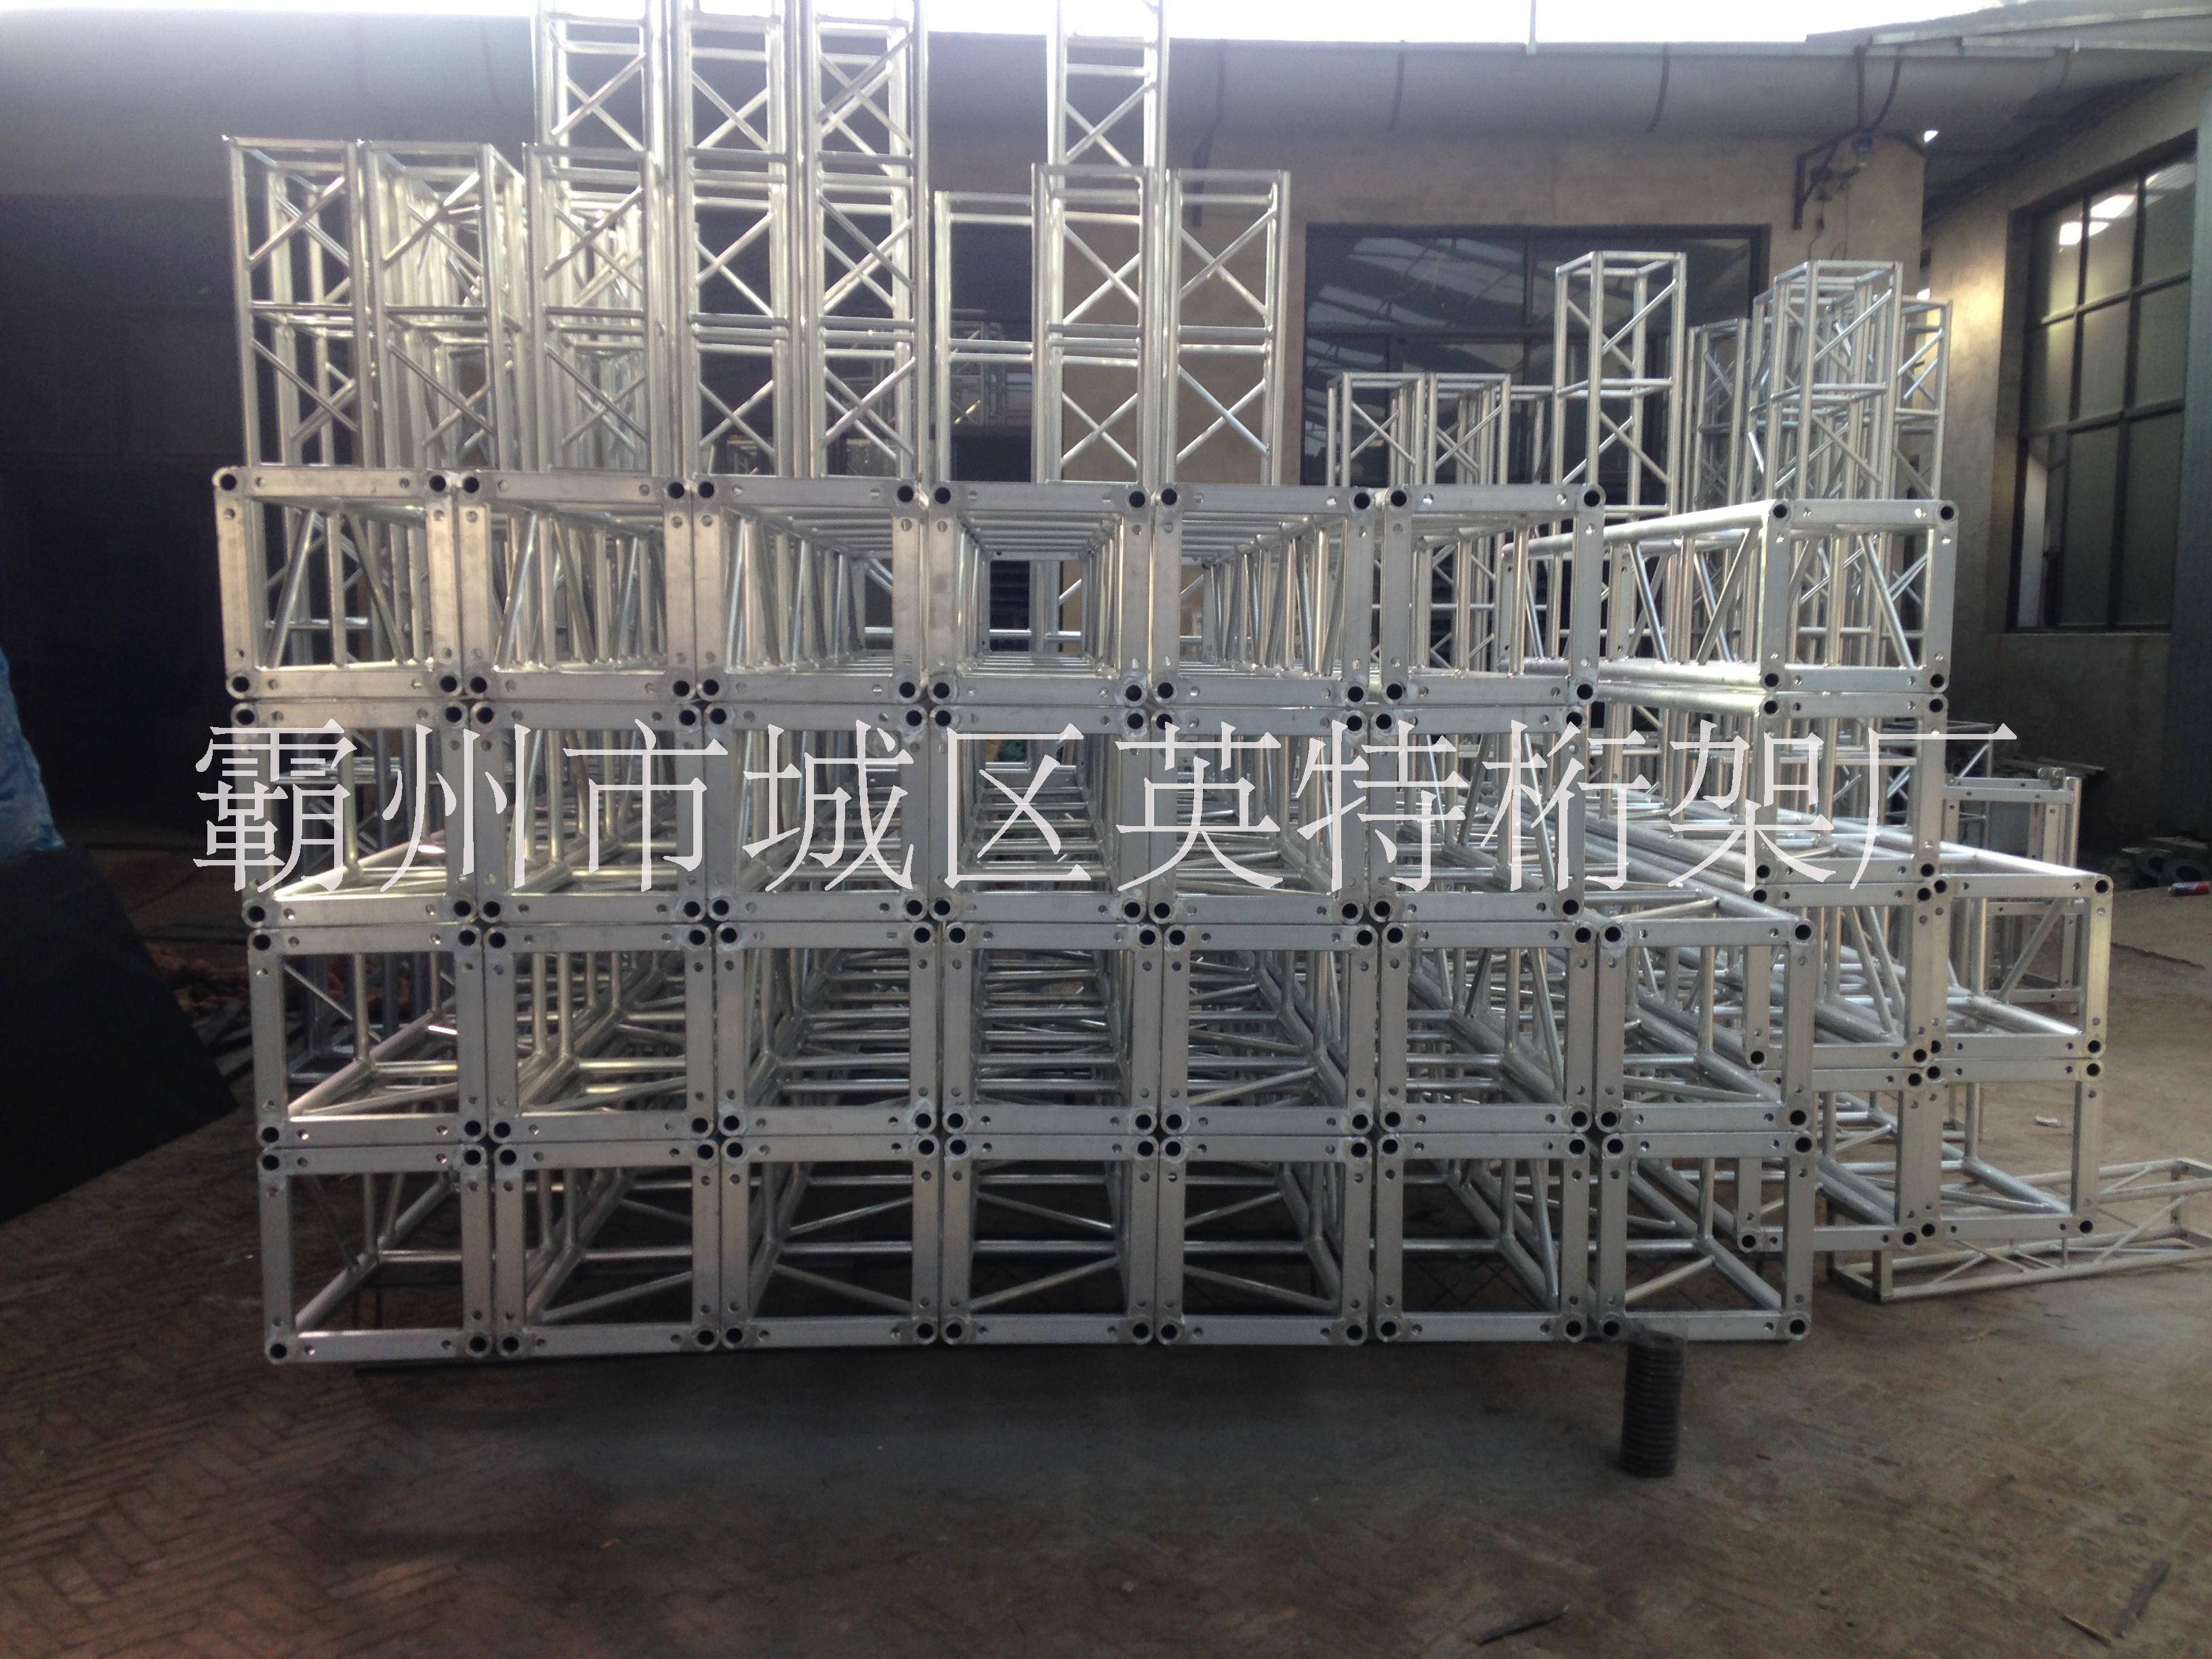 铝合金桁架 演出铝合金灯光架 批发价格多少钱一米 演出铝合金灯光架truss架 演出灯光架truss架